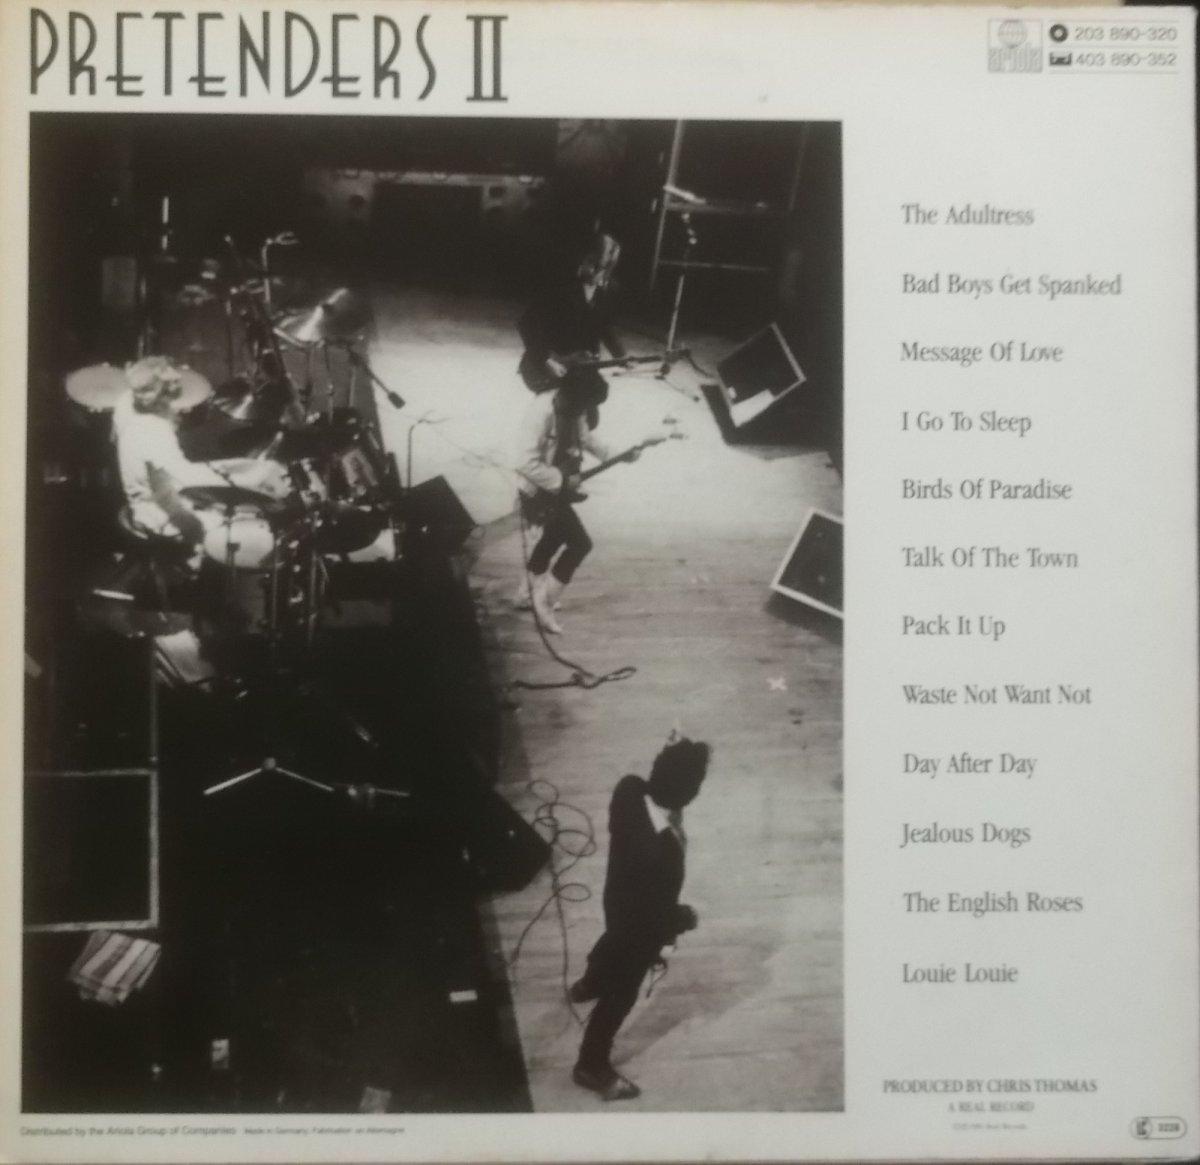 The Pretenders – Pretenders II